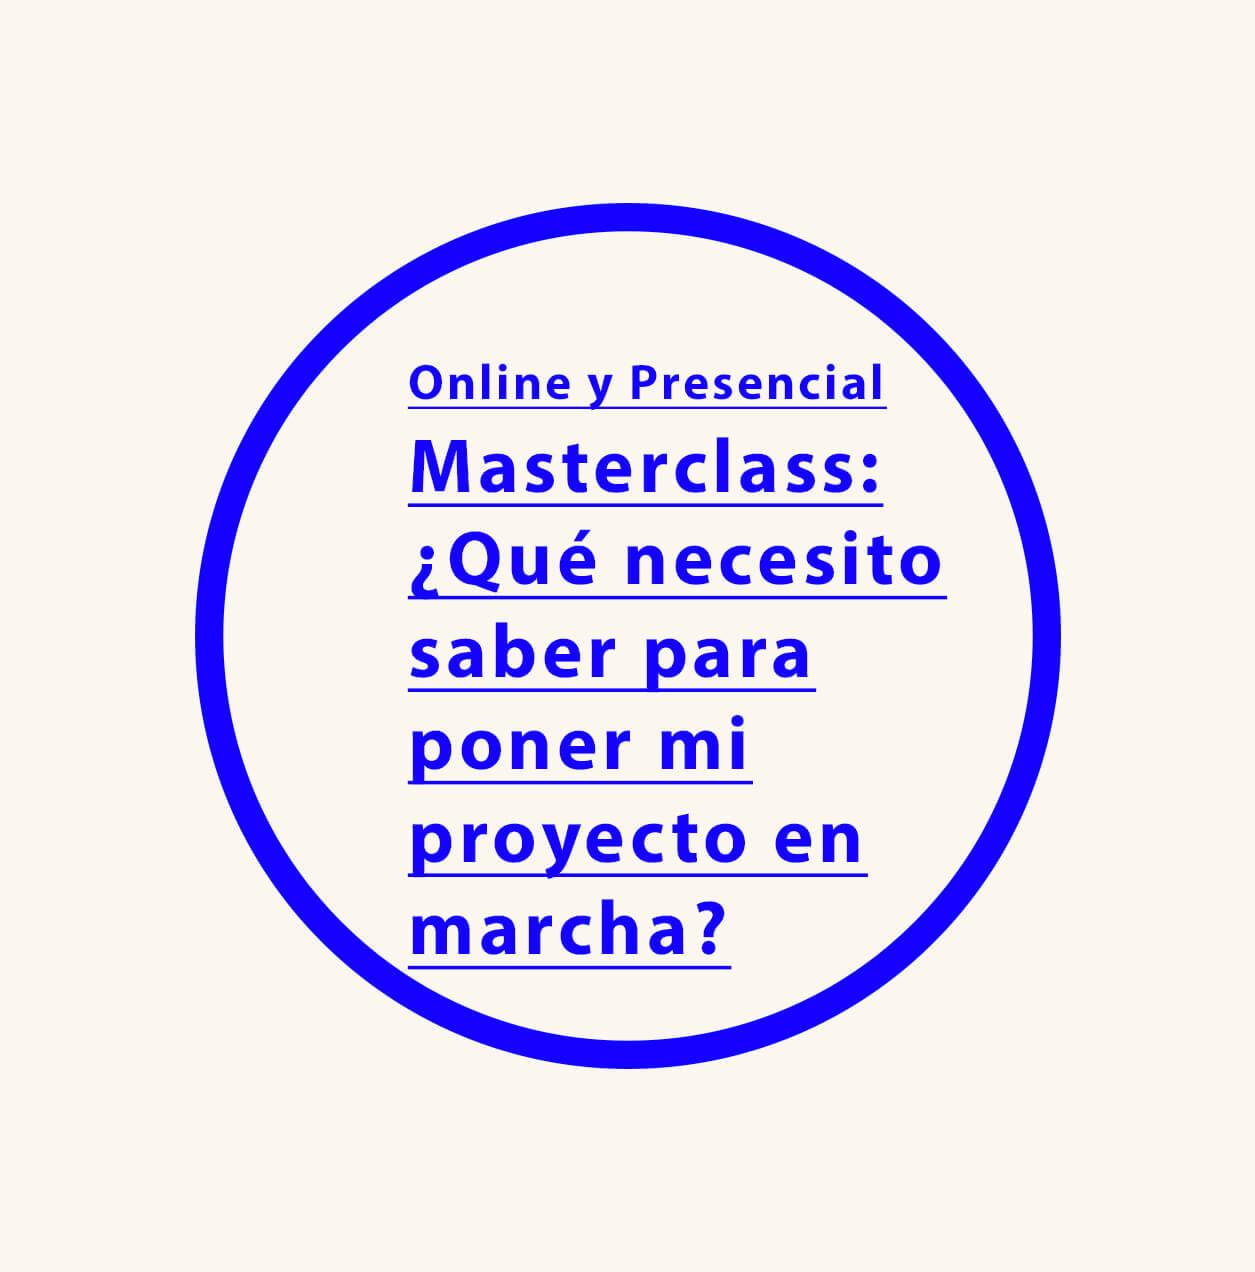 Masterclass online: ¿Qué necesito saber para poner mi proyecto en marcha?